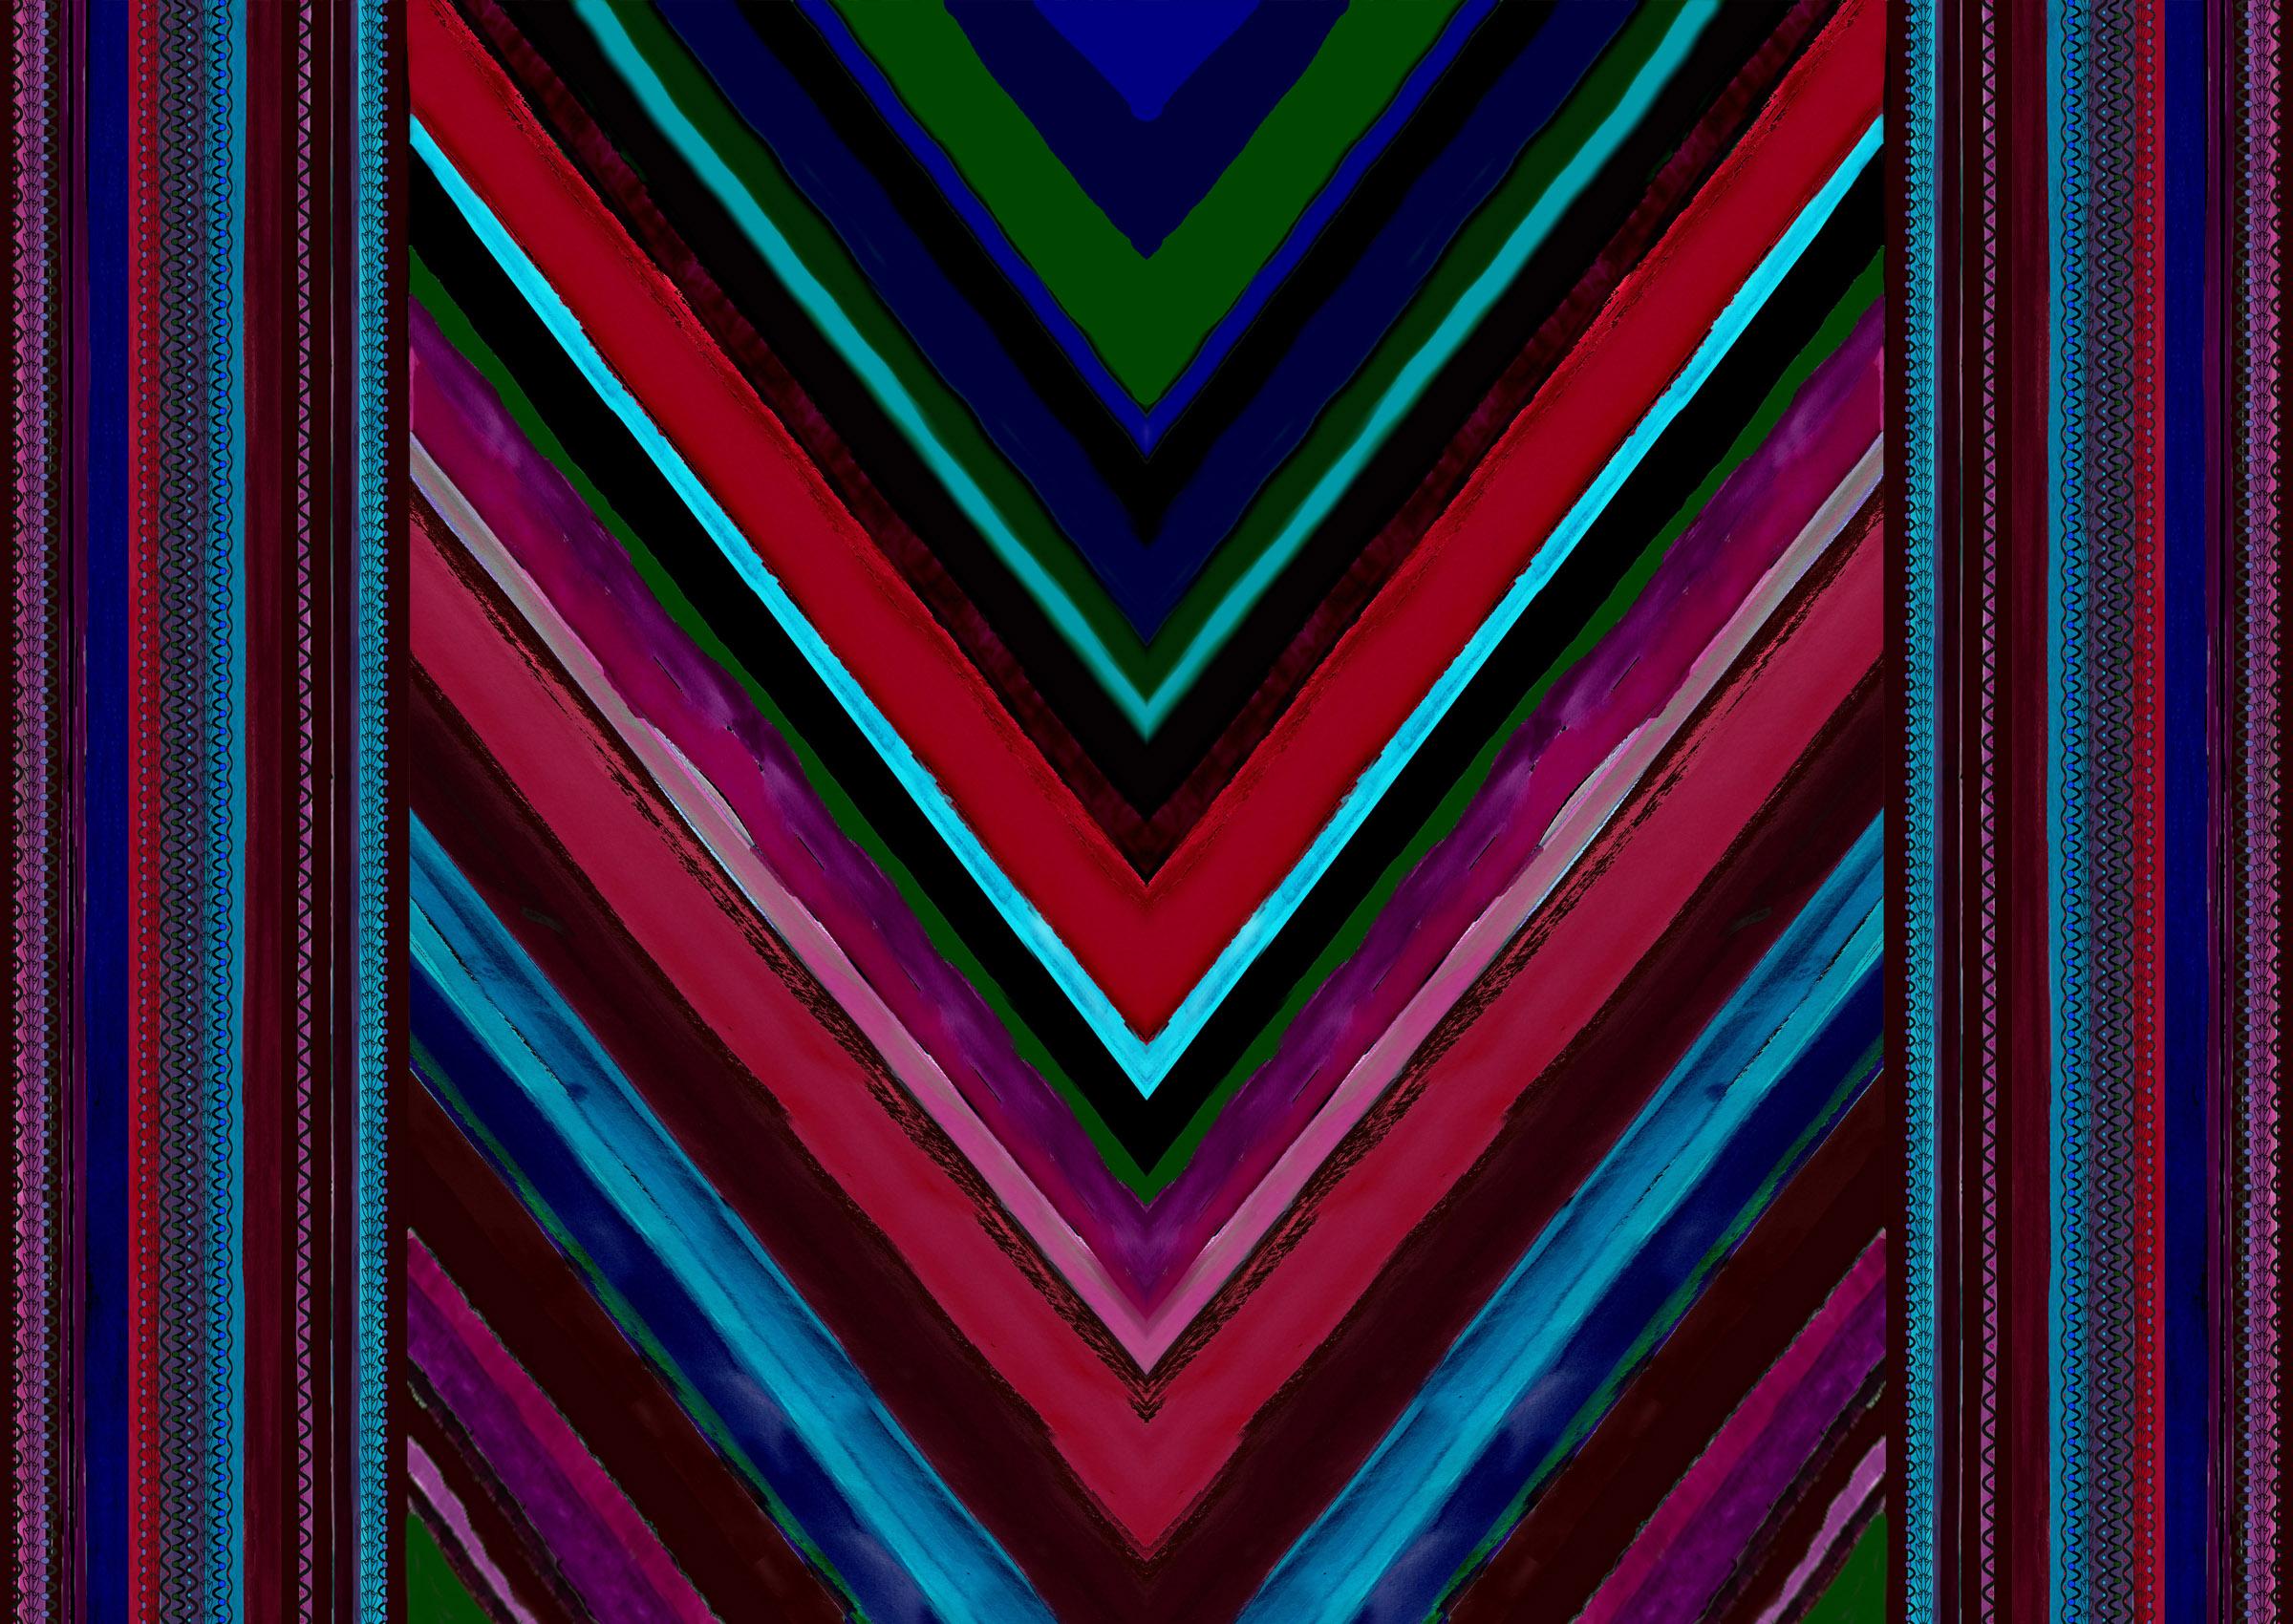 velvet stripes for prints page.jpg